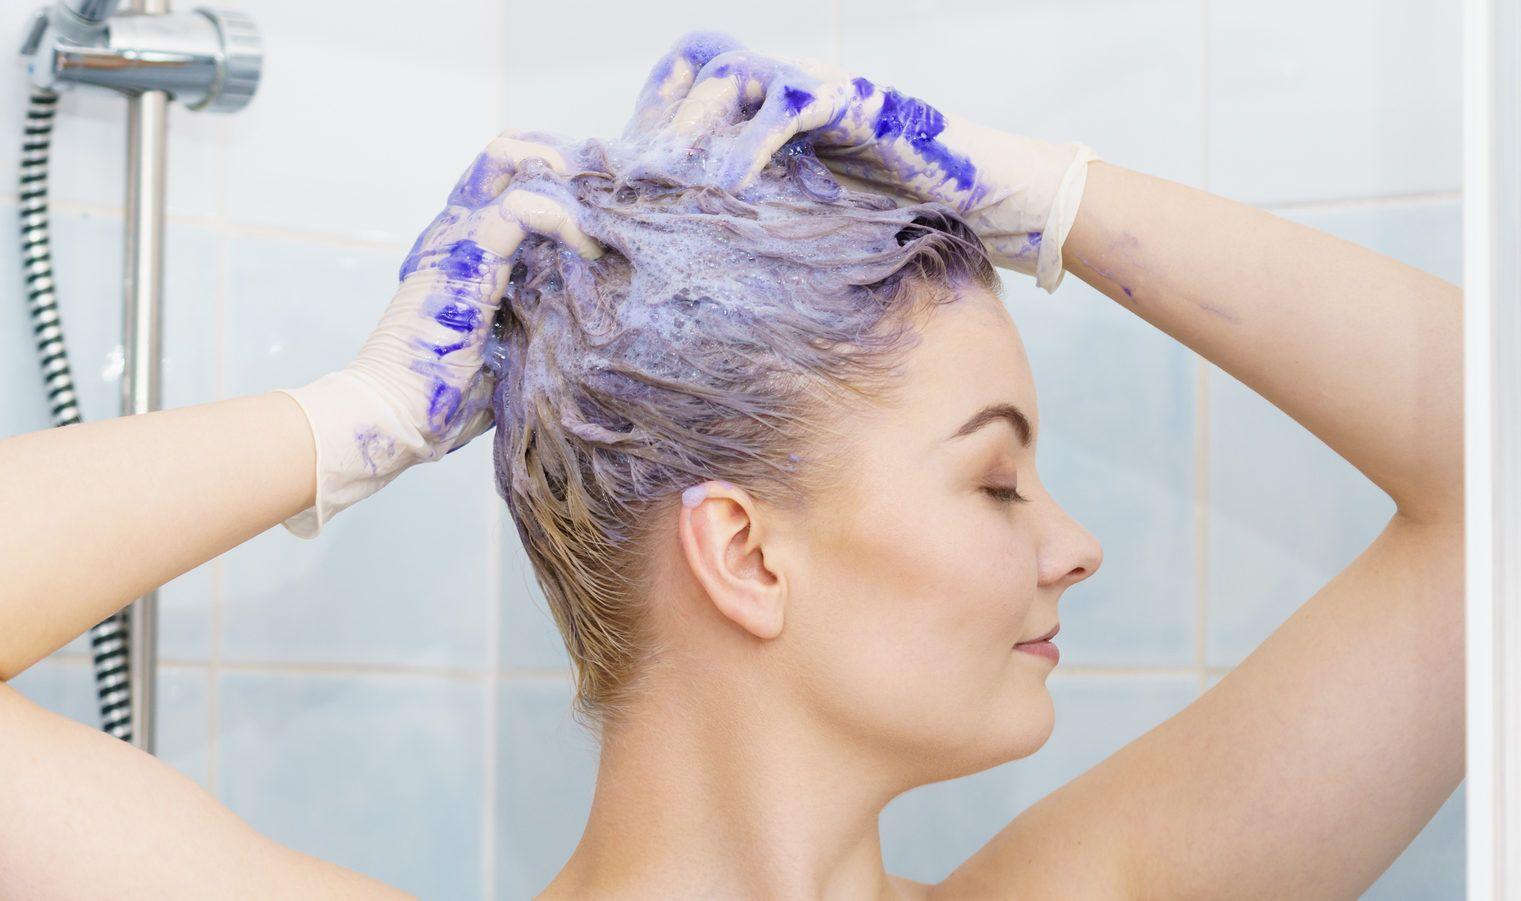 Hilft Silbershampoo Wirklich Gegen Grunstich